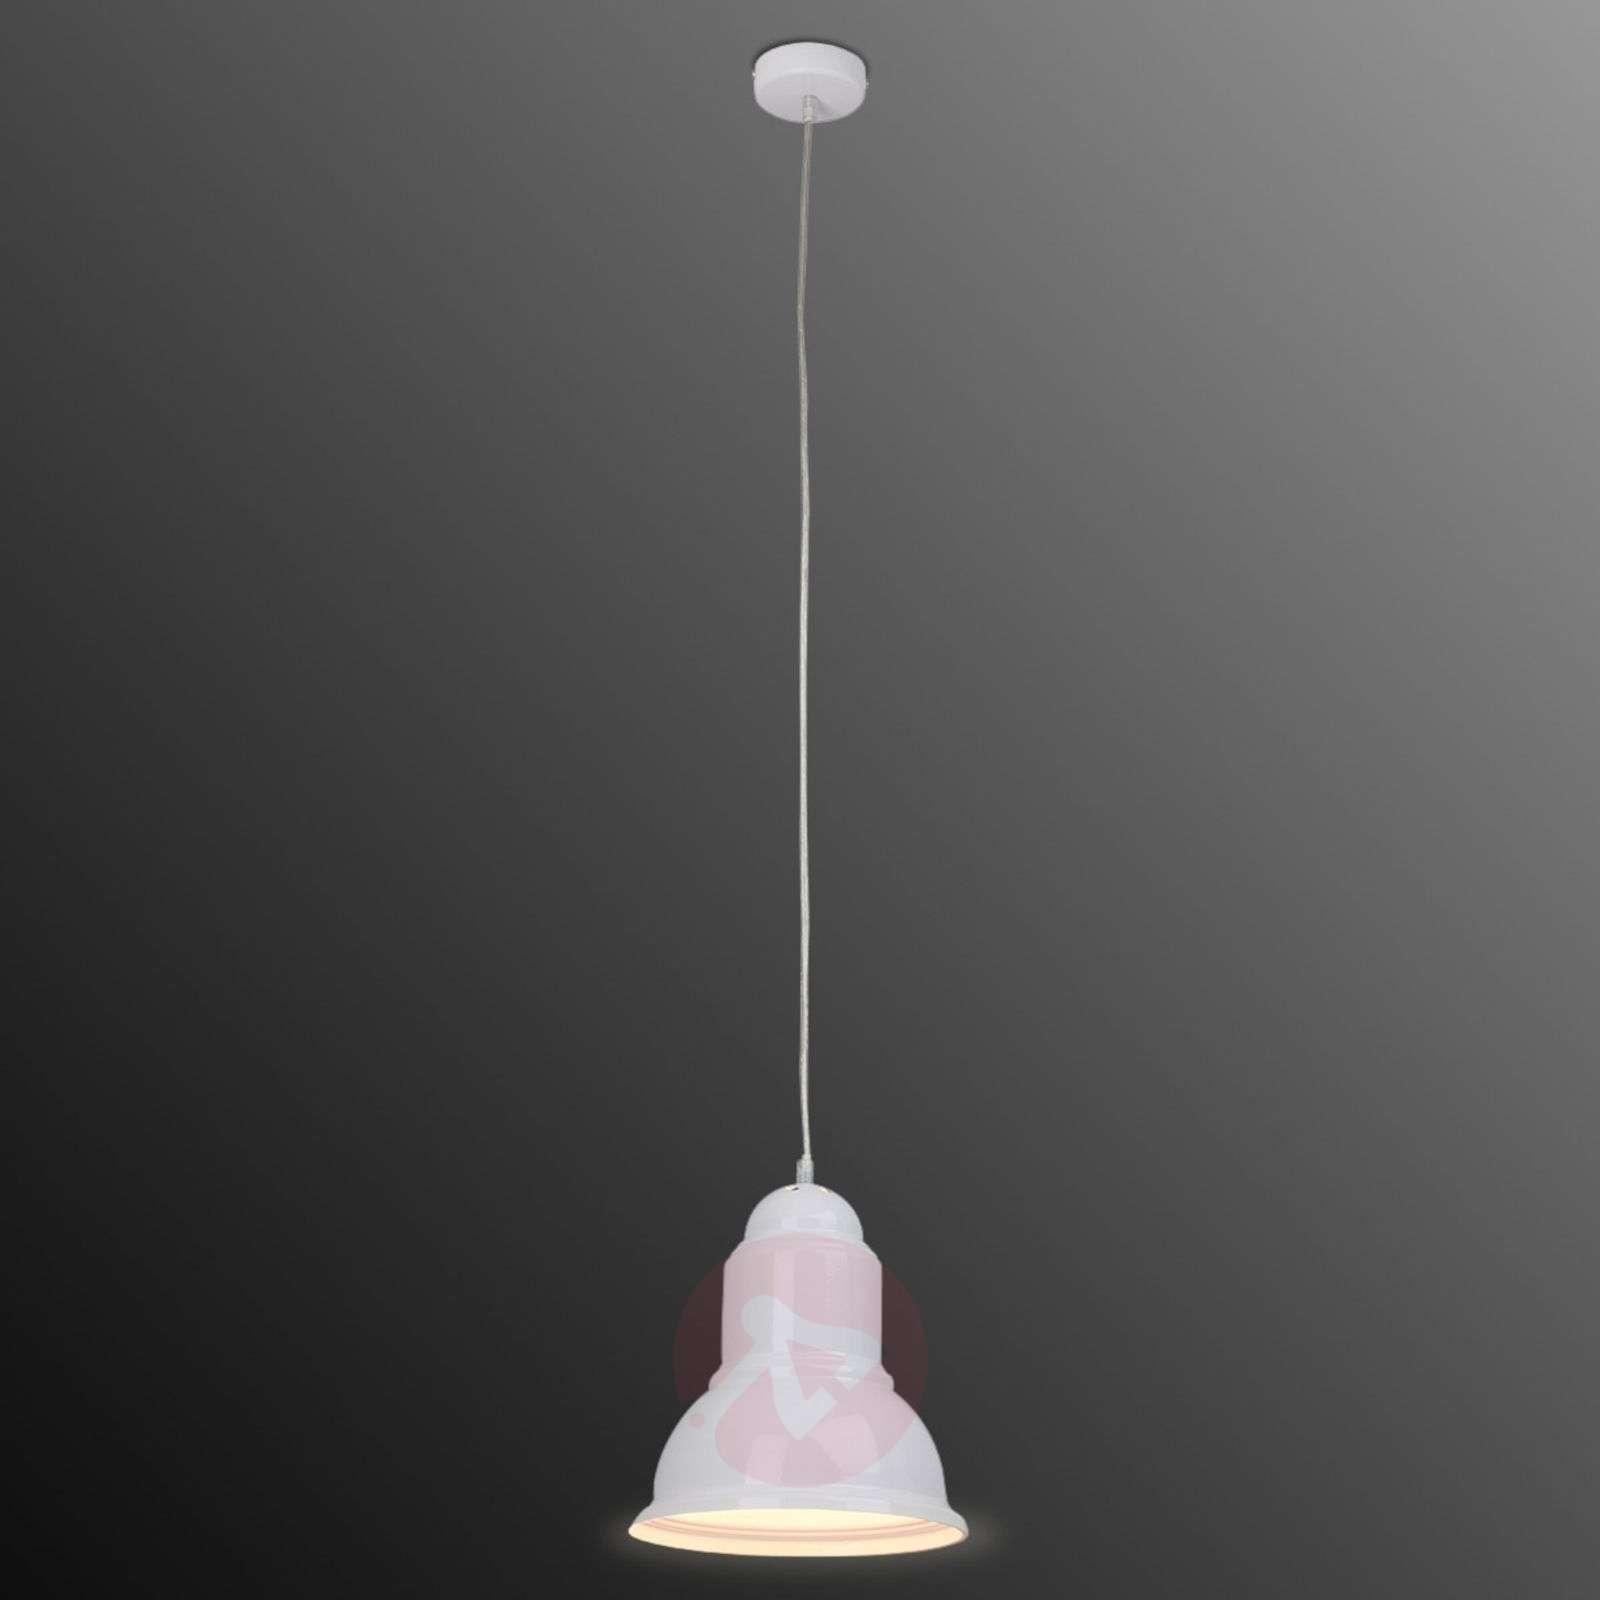 Moderni Almira-riippuvalaisin-1508896X-01